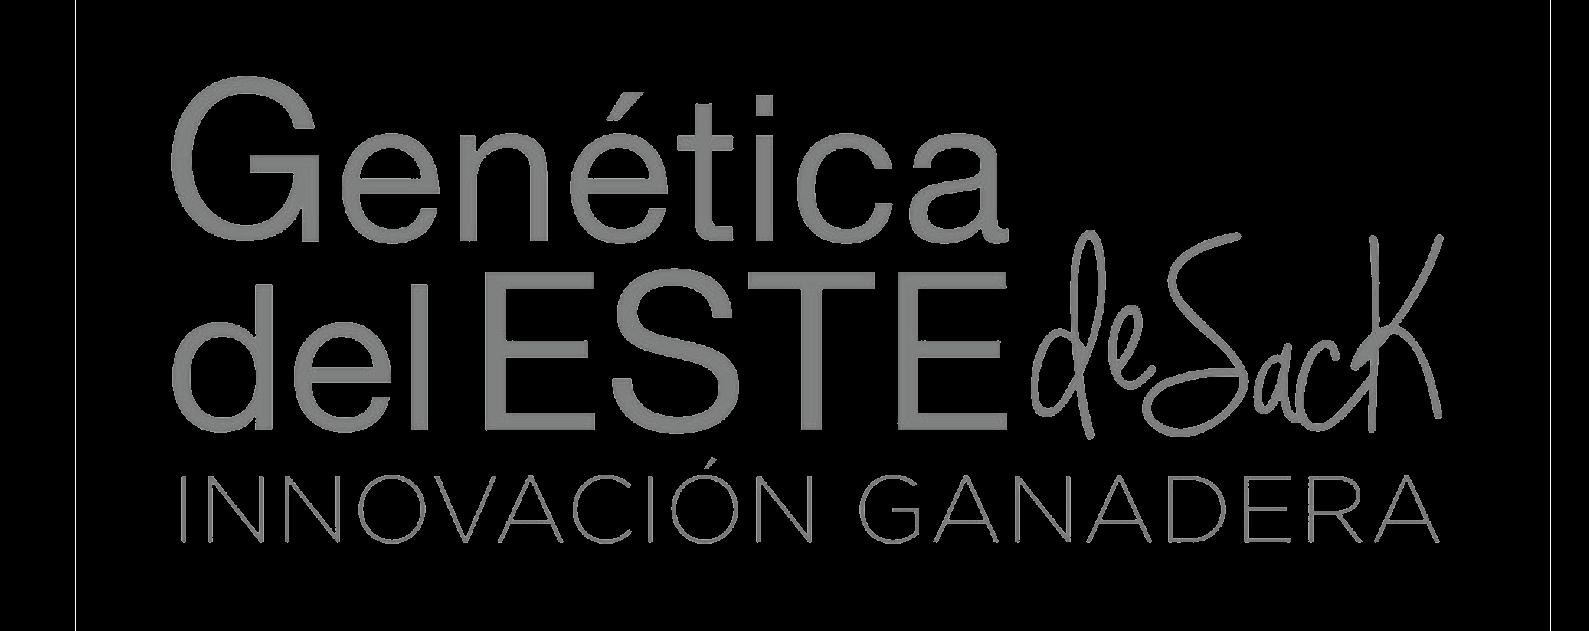 14GENETICA-DEL-ESTE-logo - transparent.p